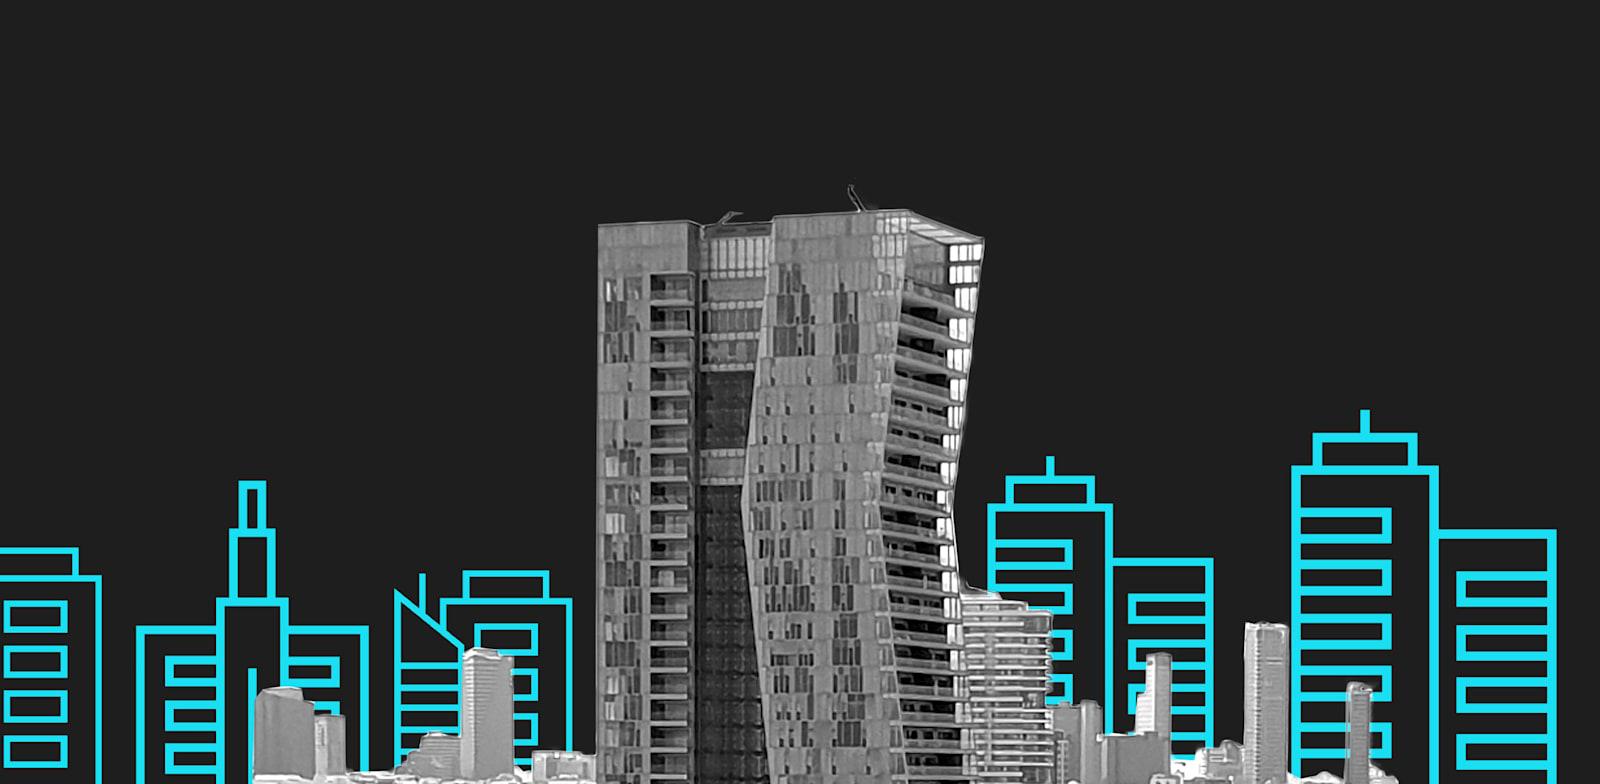 מגדל דן. כתבות הנדלן שעשו את השבוע / עיצוב: טלי בוגדנובסקי